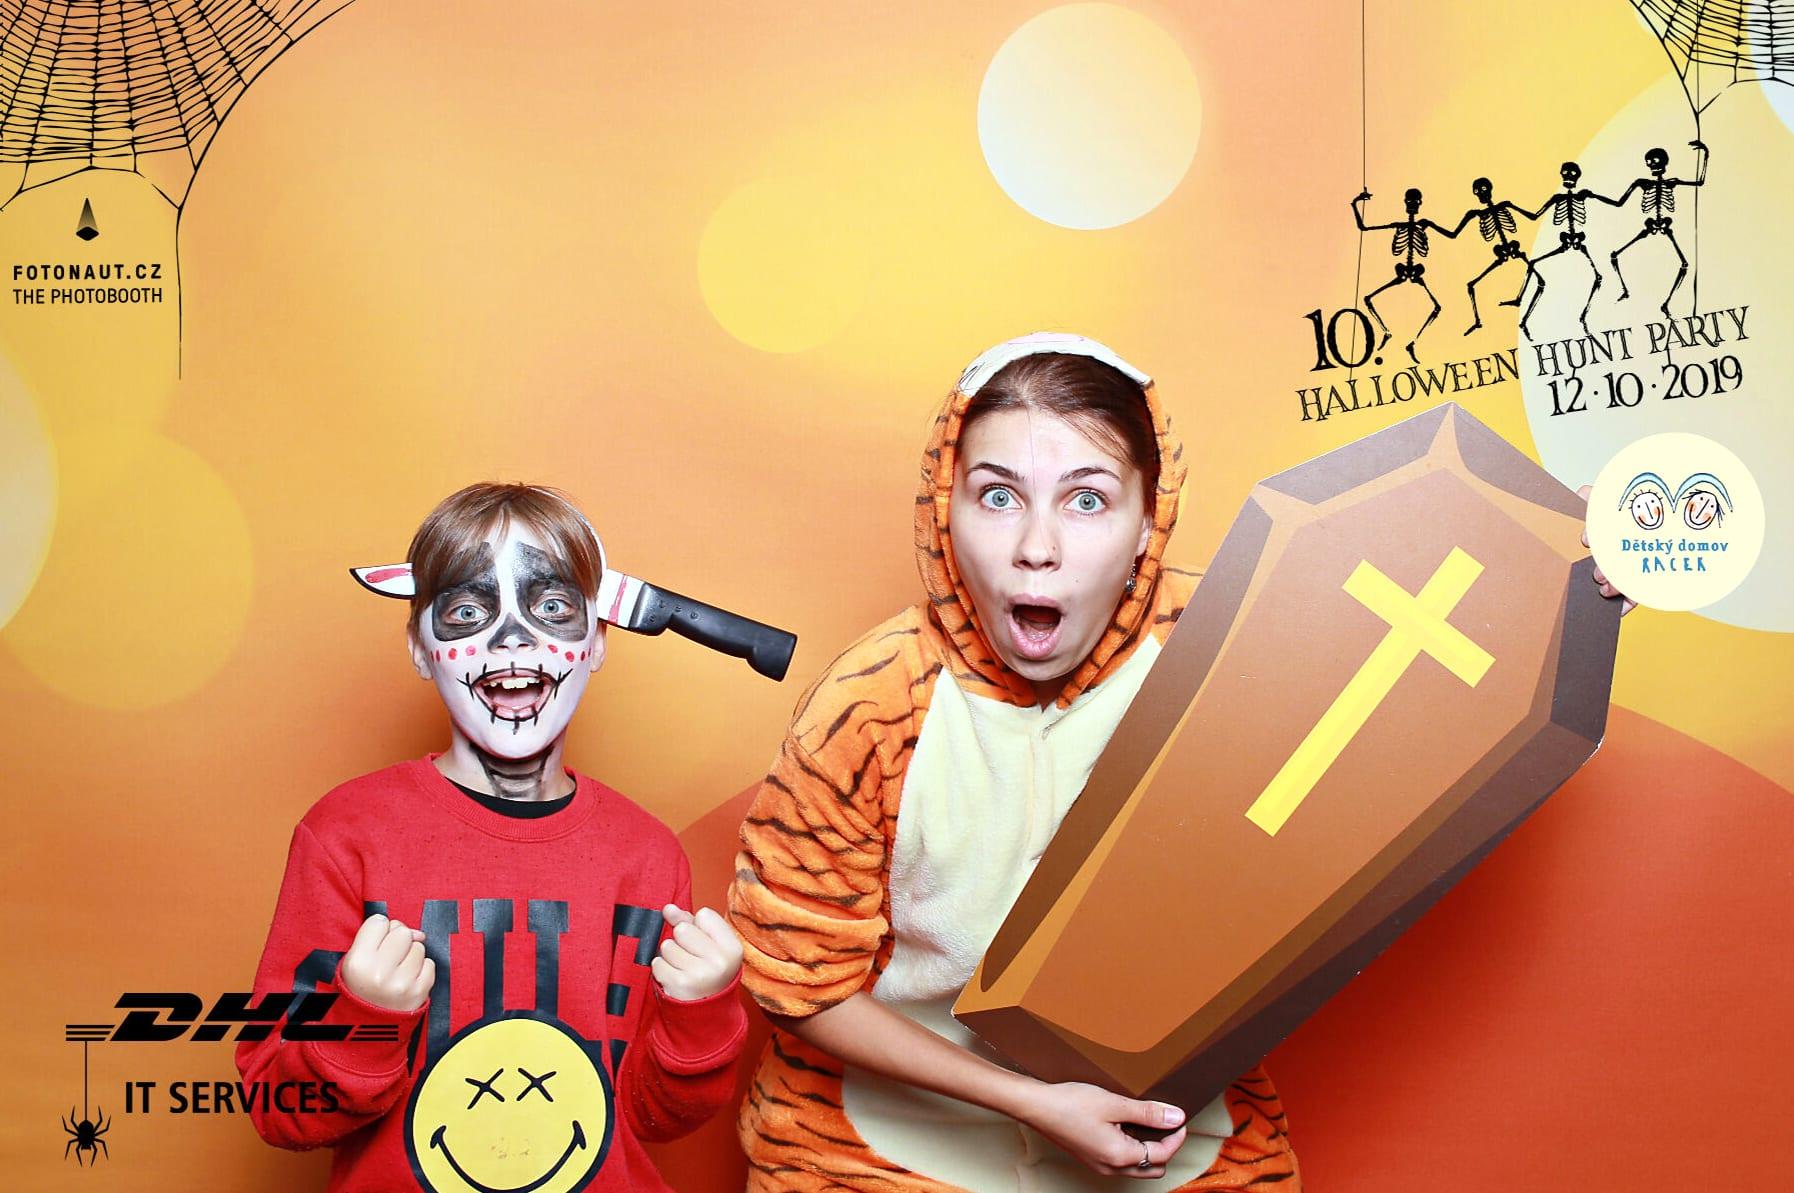 fotokoutek-family-day-praha-dhl-halloween-hunt-party-12-10-2019-661668